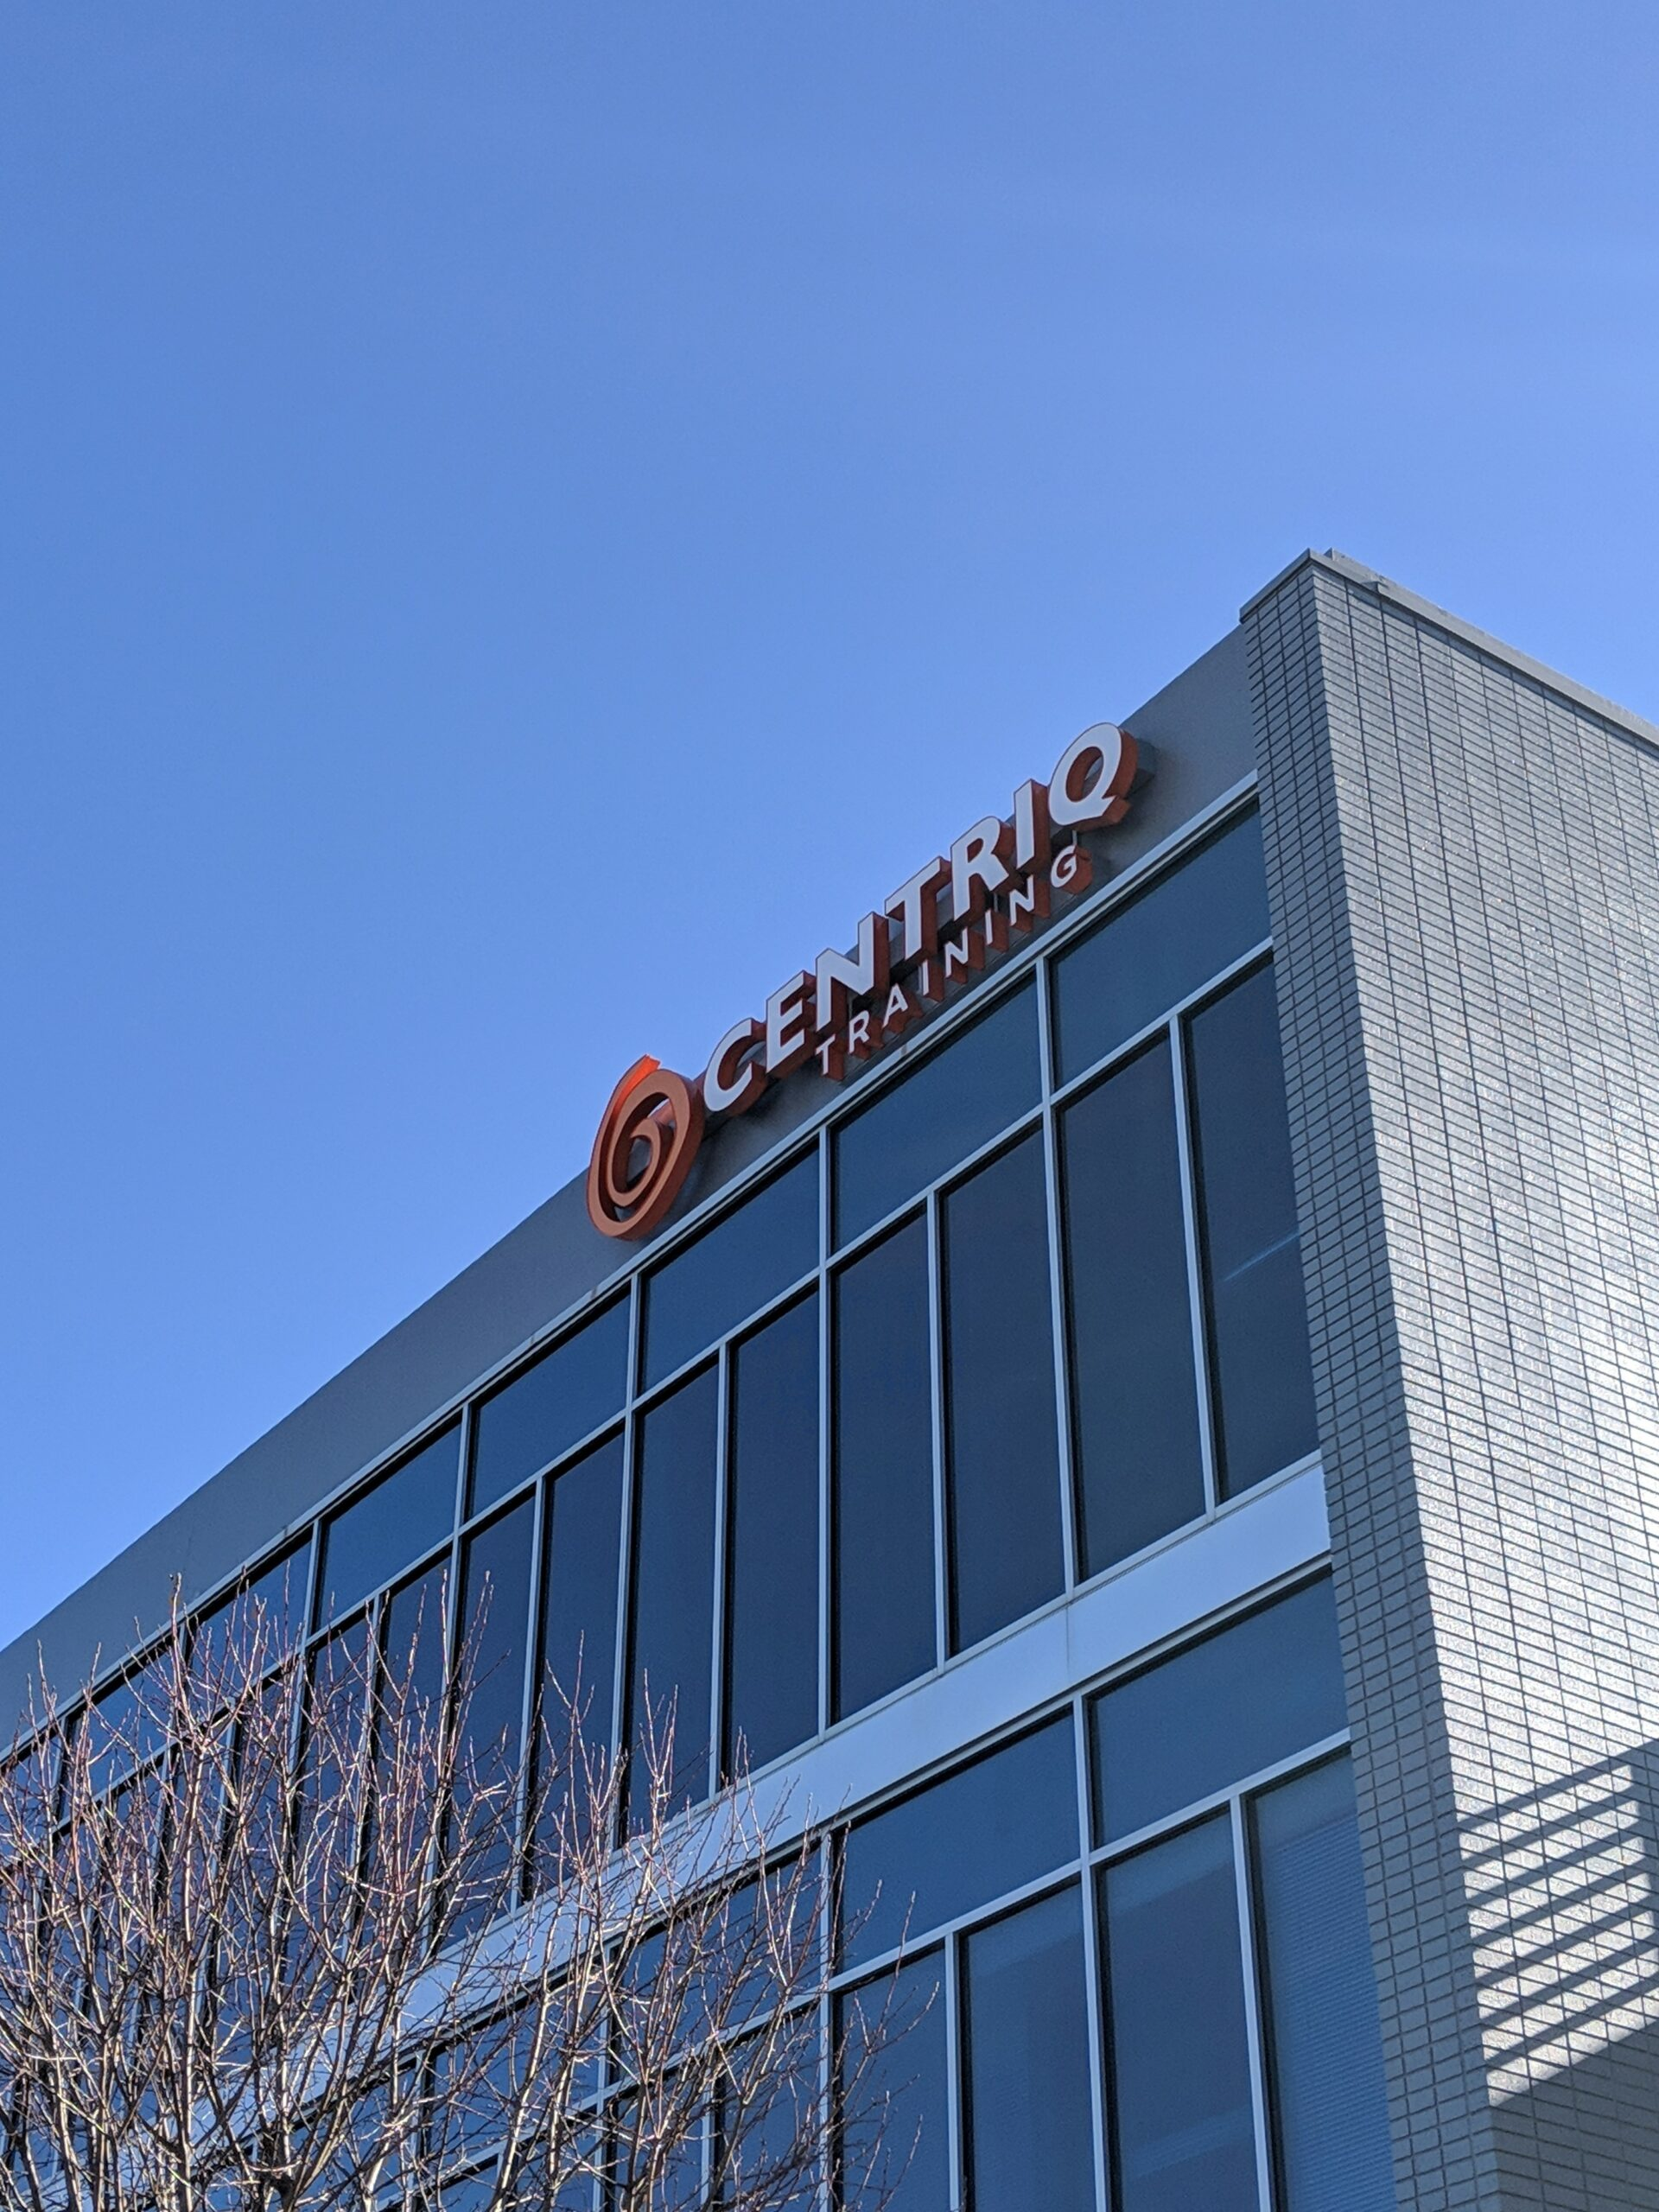 centriq-1-1